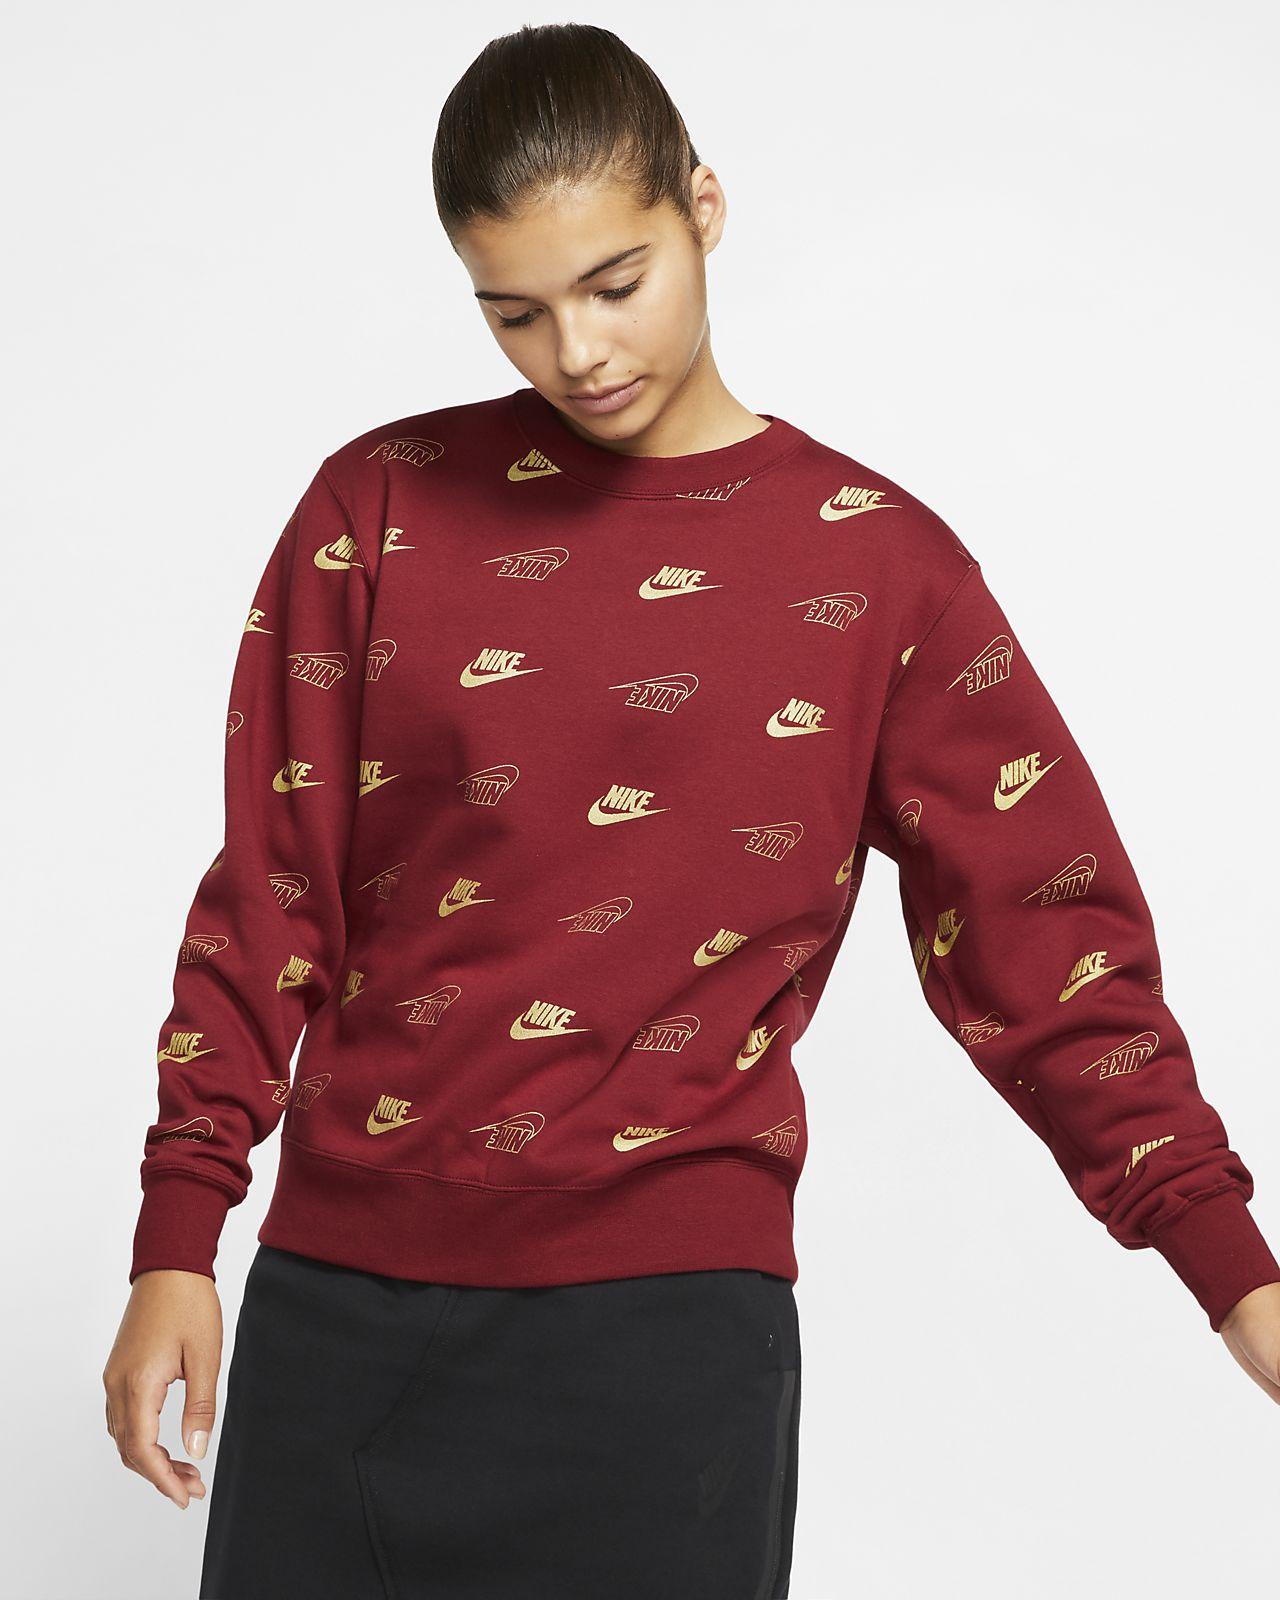 Haut Nike Sportswear pour Femme